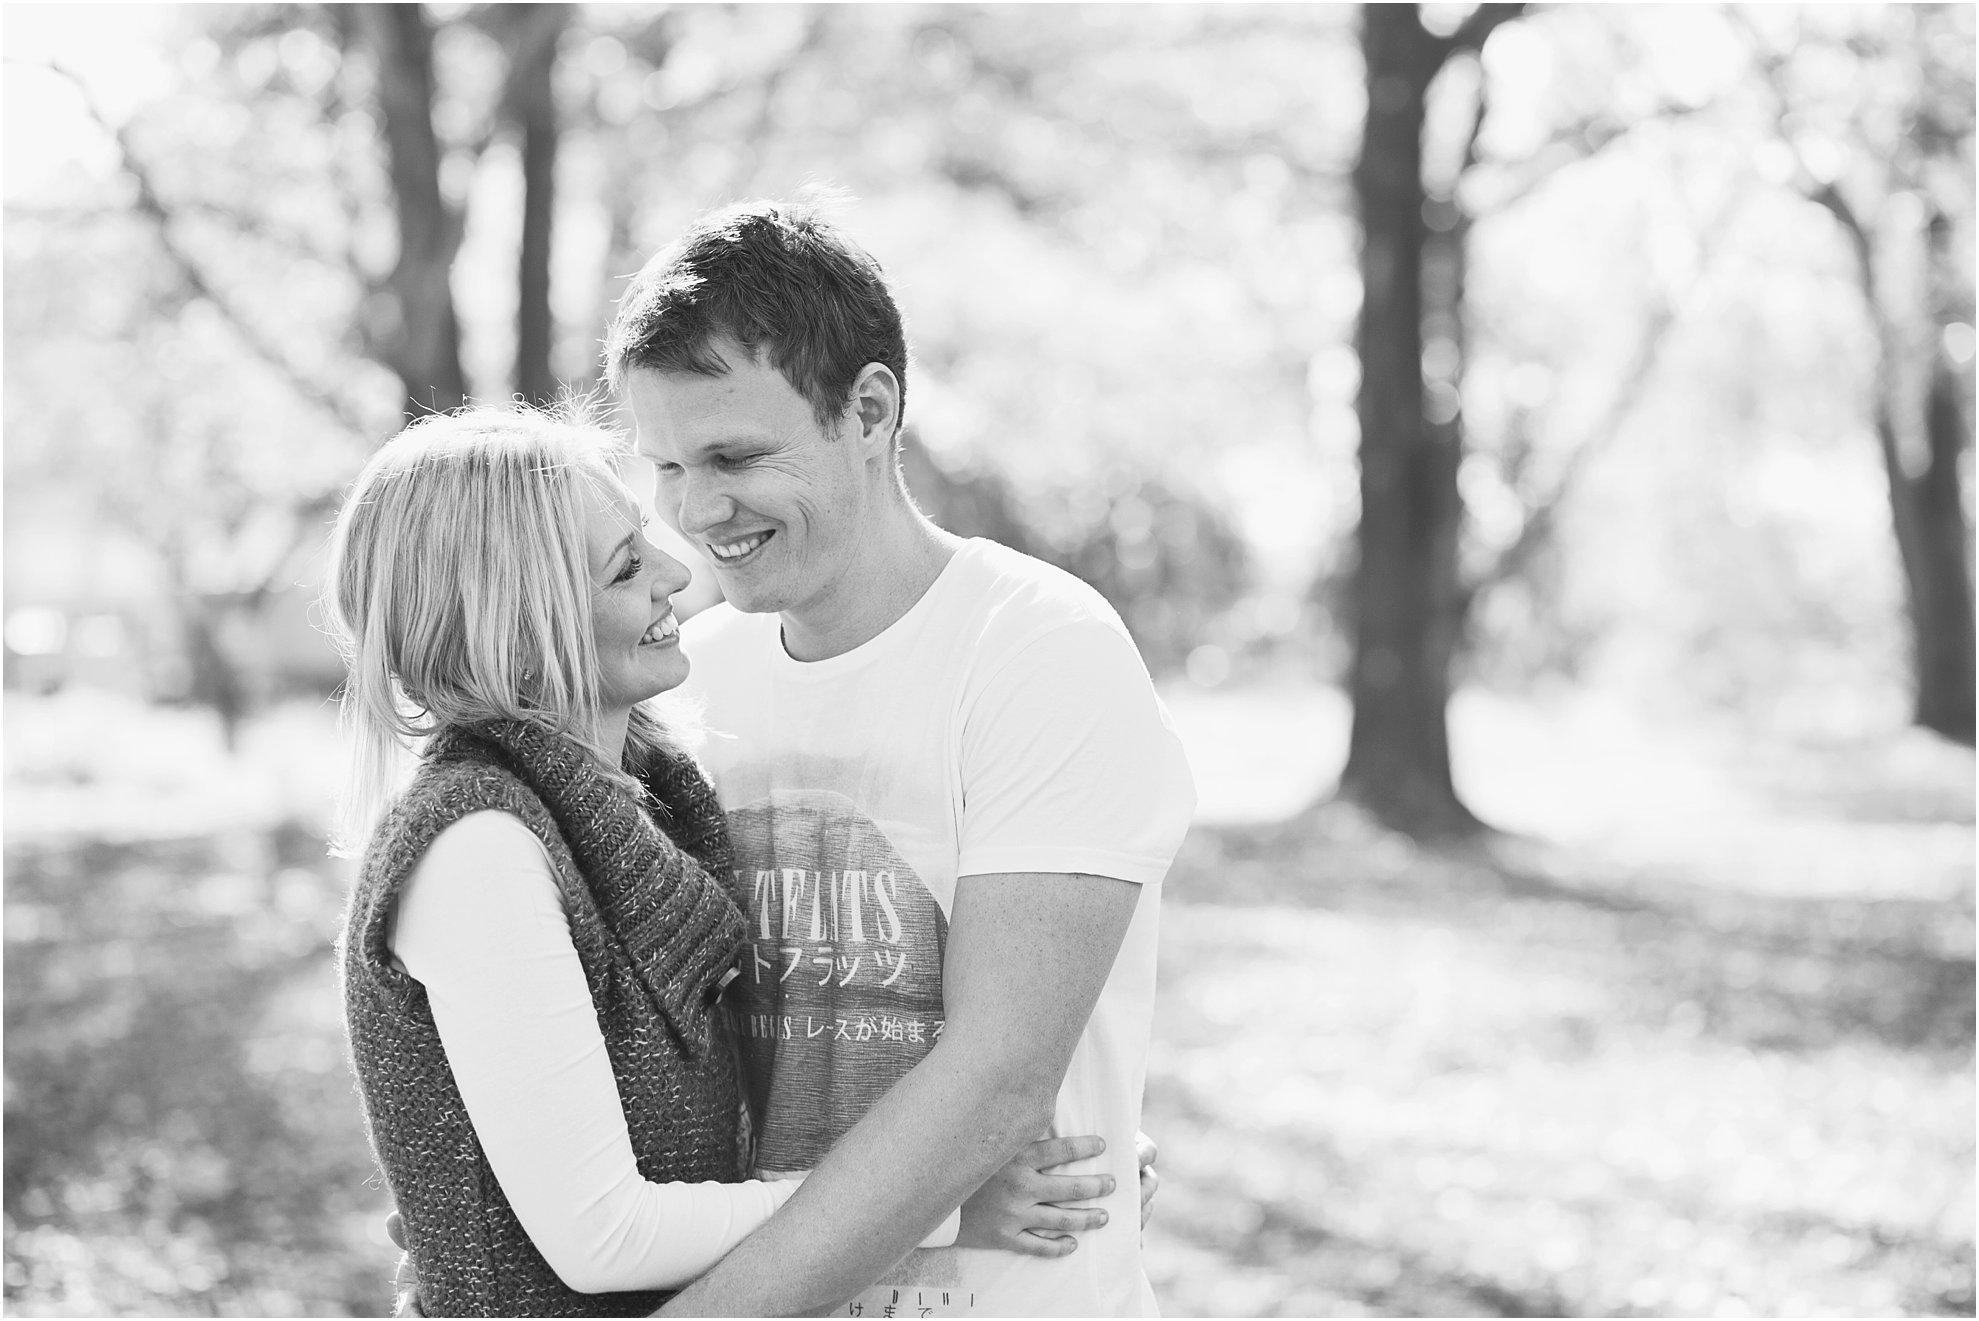 FIONA CLAIR PHOTOGRAPHY Bryan & Stacey Rennie 06 06 2013_0380